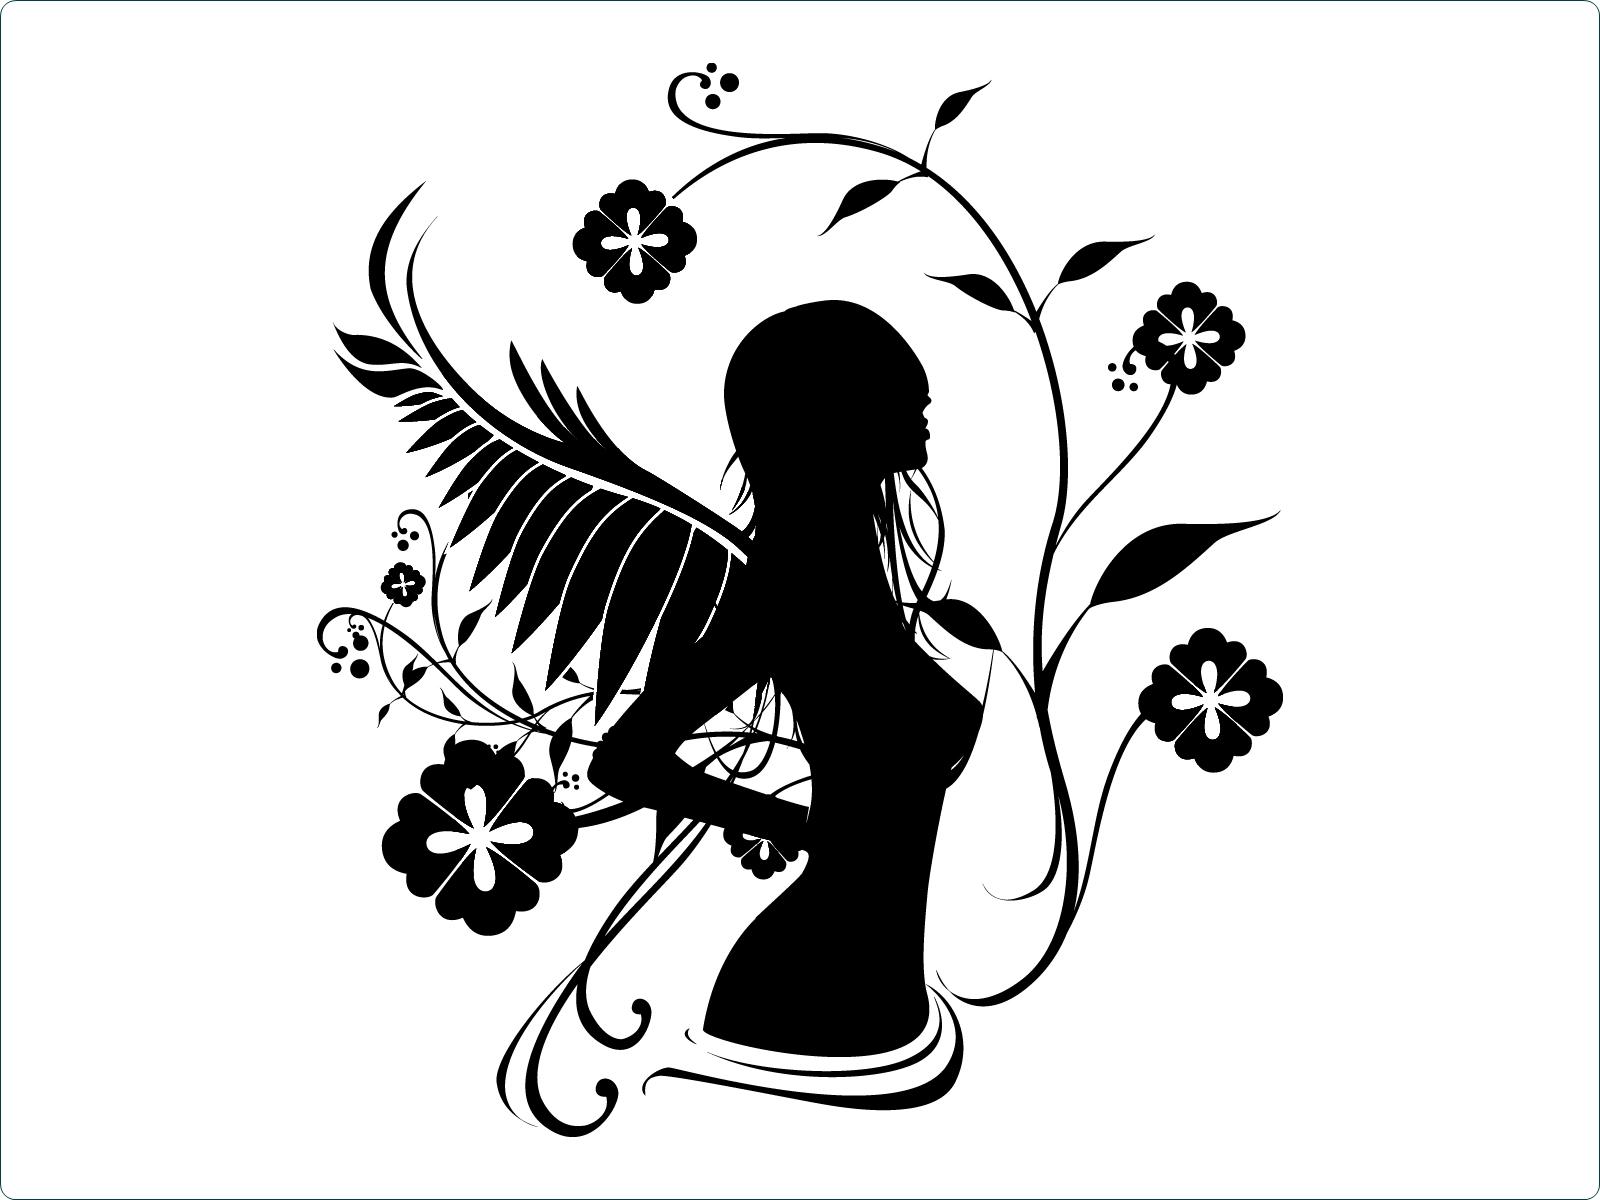 サラ・オレインの歌唱力はどうなの?プロフィールや経歴は?